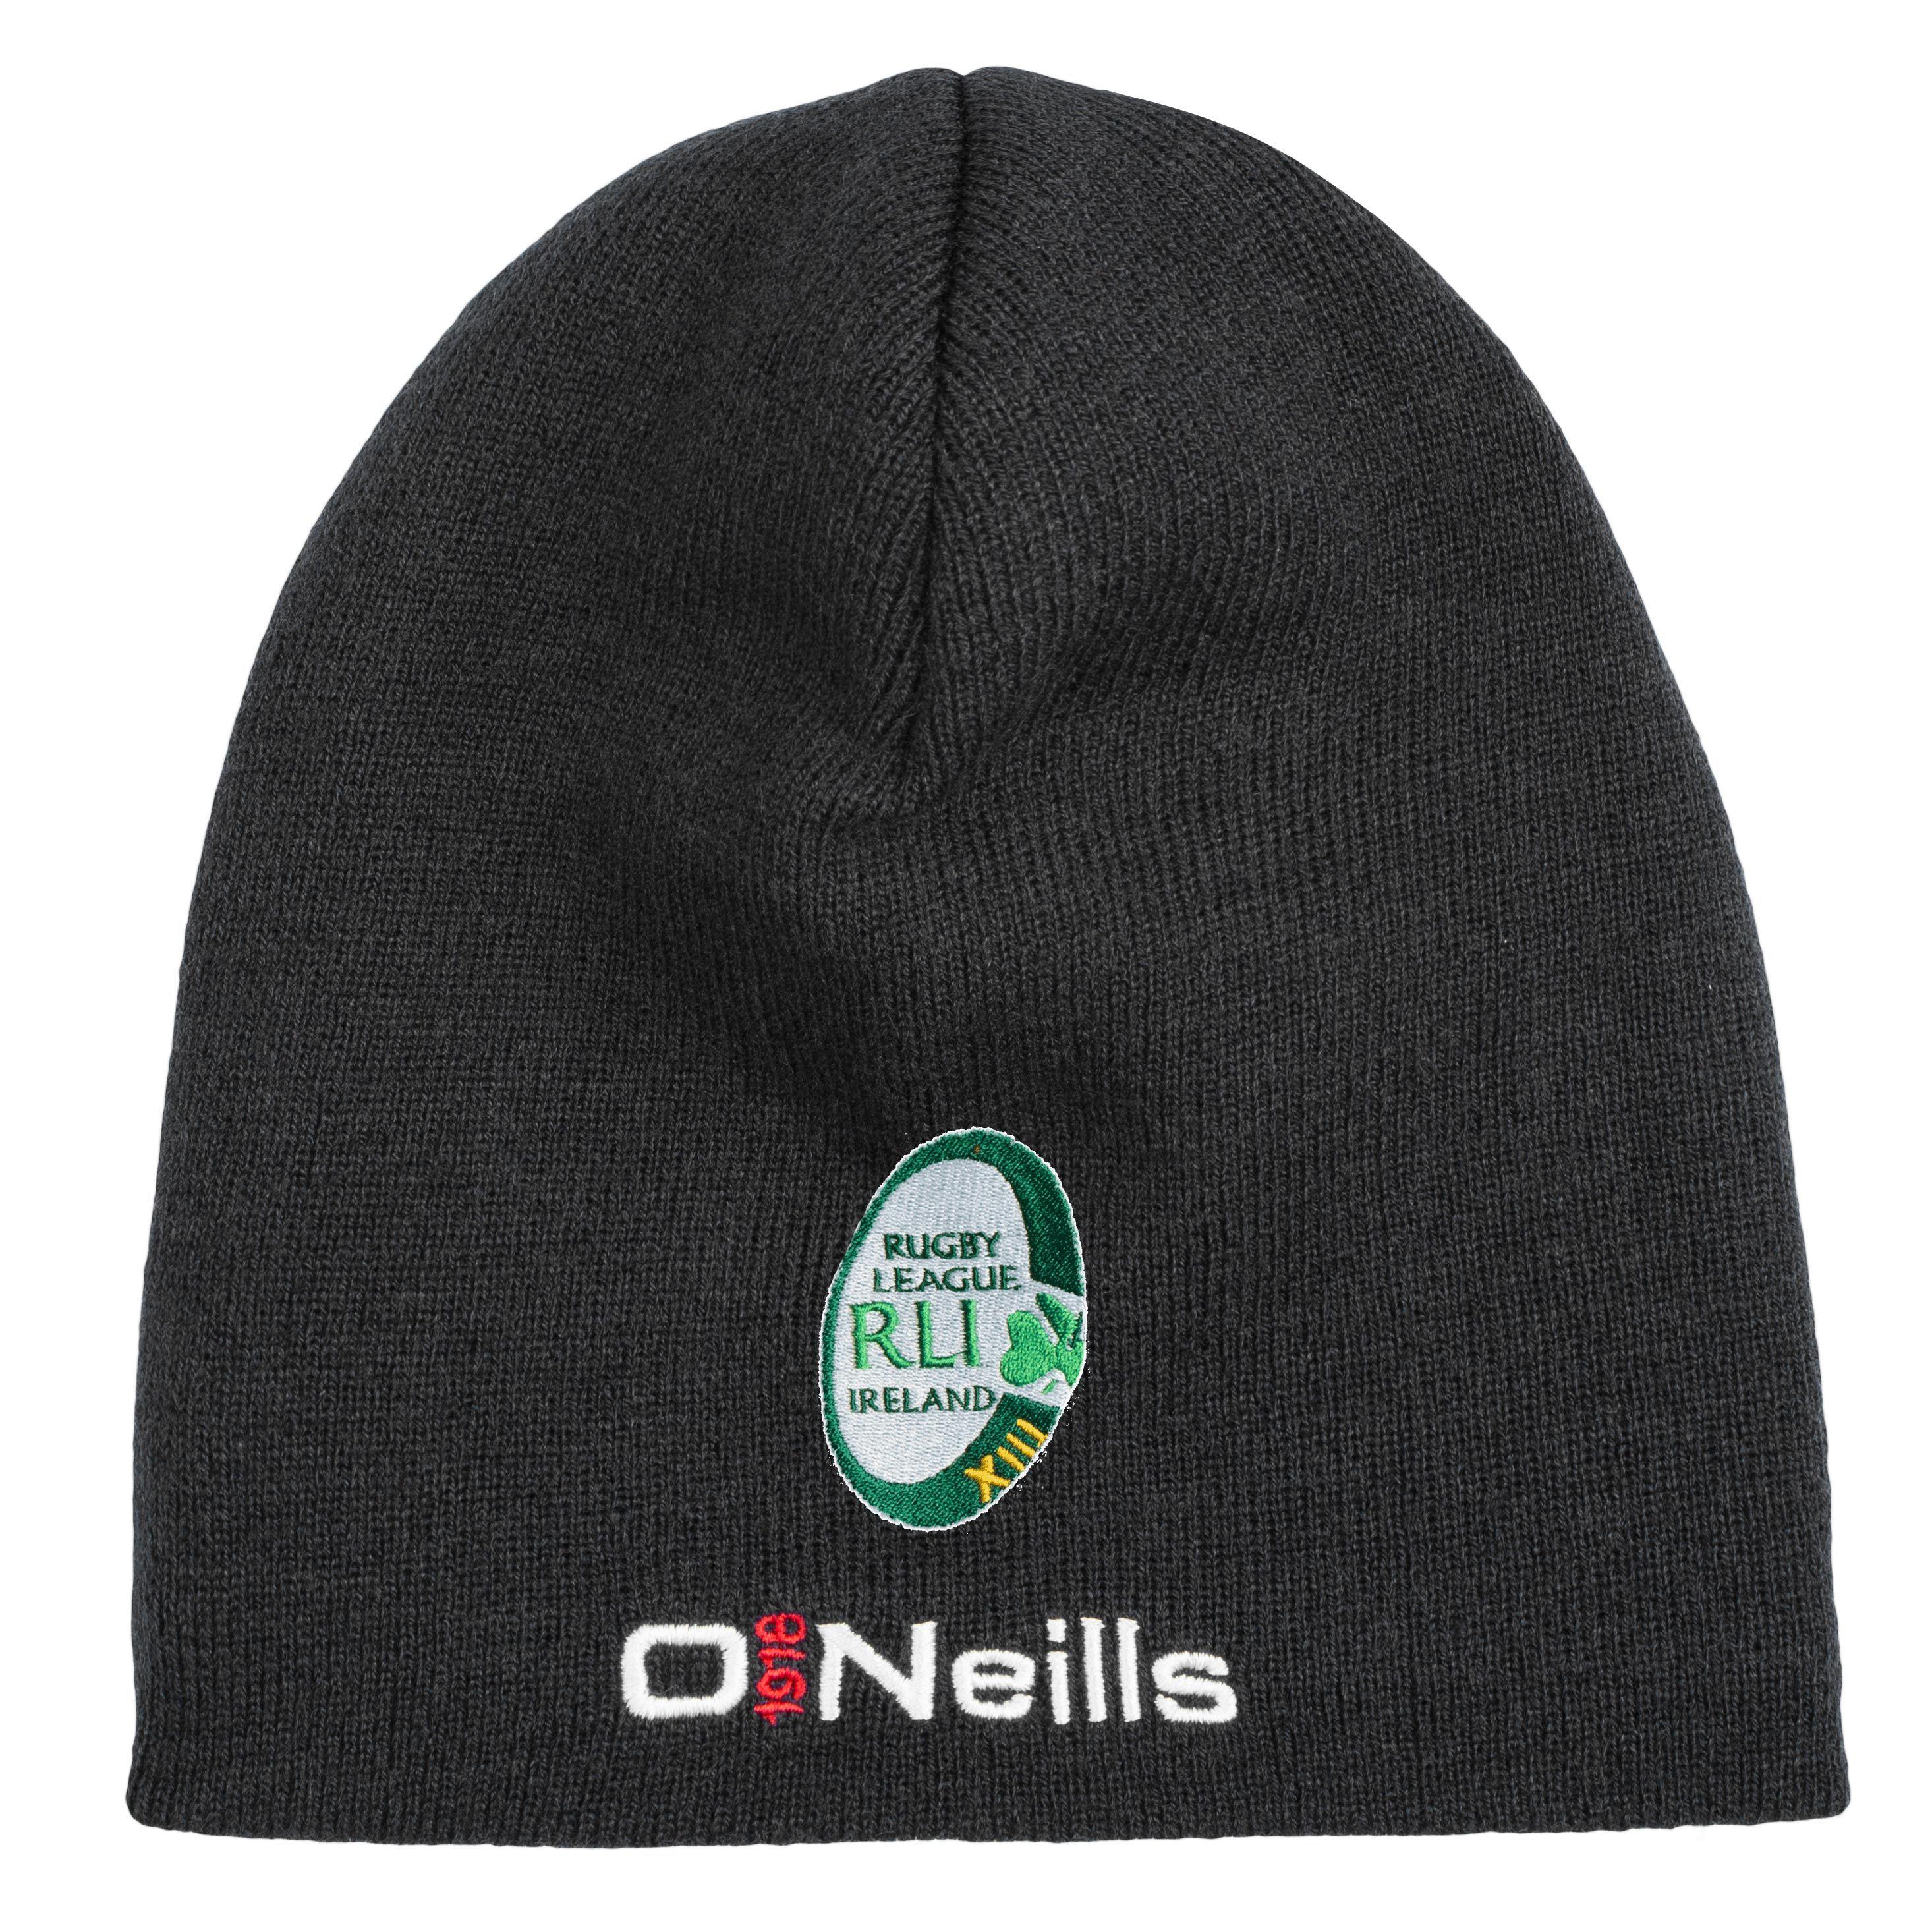 Rugby League Ireland Beanie Hat  bbf2f2b38f3